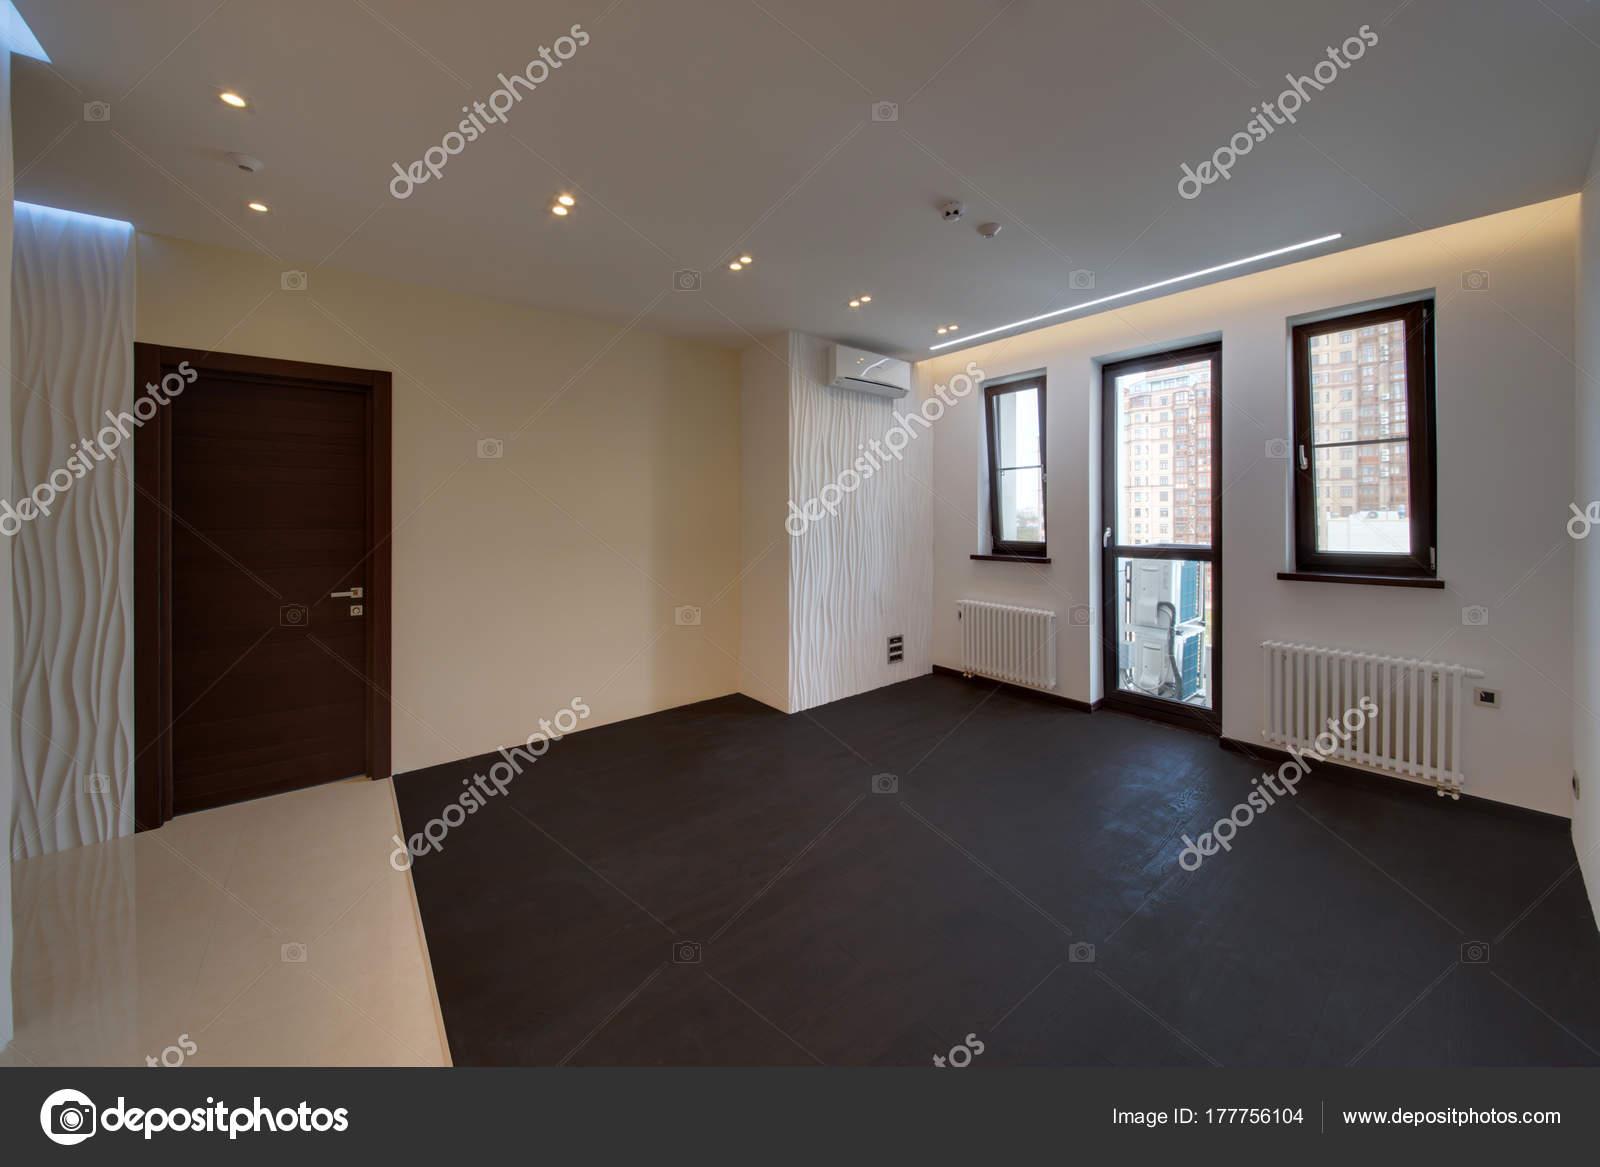 Een salon met een zwarte houten vloer grote ramen een u stockfoto